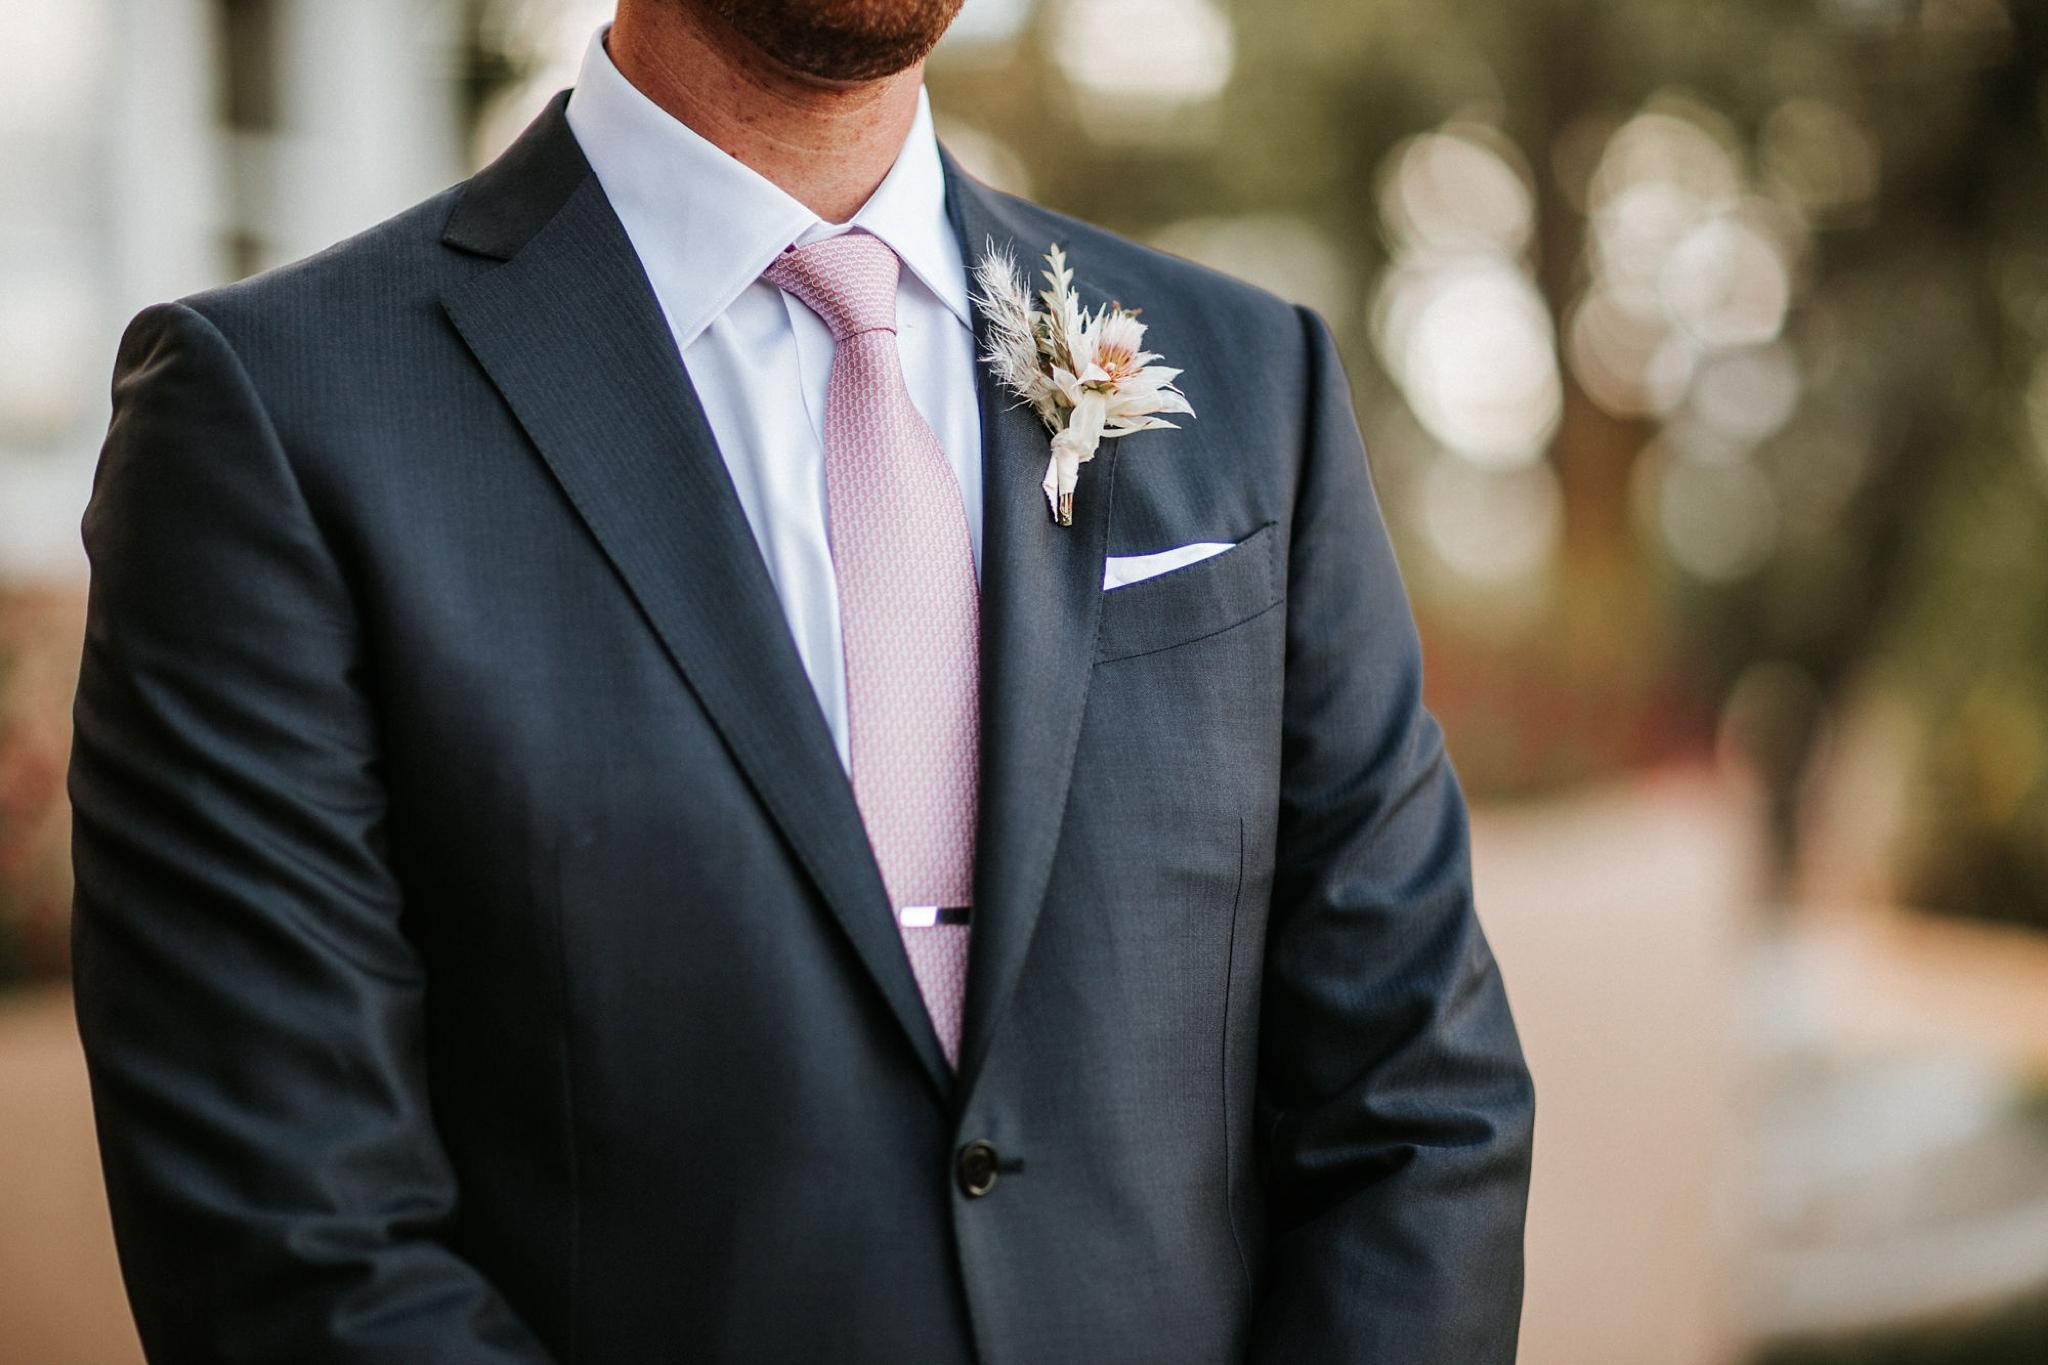 Alicia+lucia+photography+-+albuquerque+wedding+photographer+-+santa+fe+wedding+photography+-+new+mexico+wedding+photographer+-+new+mexico+wedding+-+new+mexico+wedding+-+wedding+florals+-+desert+wedding+-+wedding+trends_0037.jpg